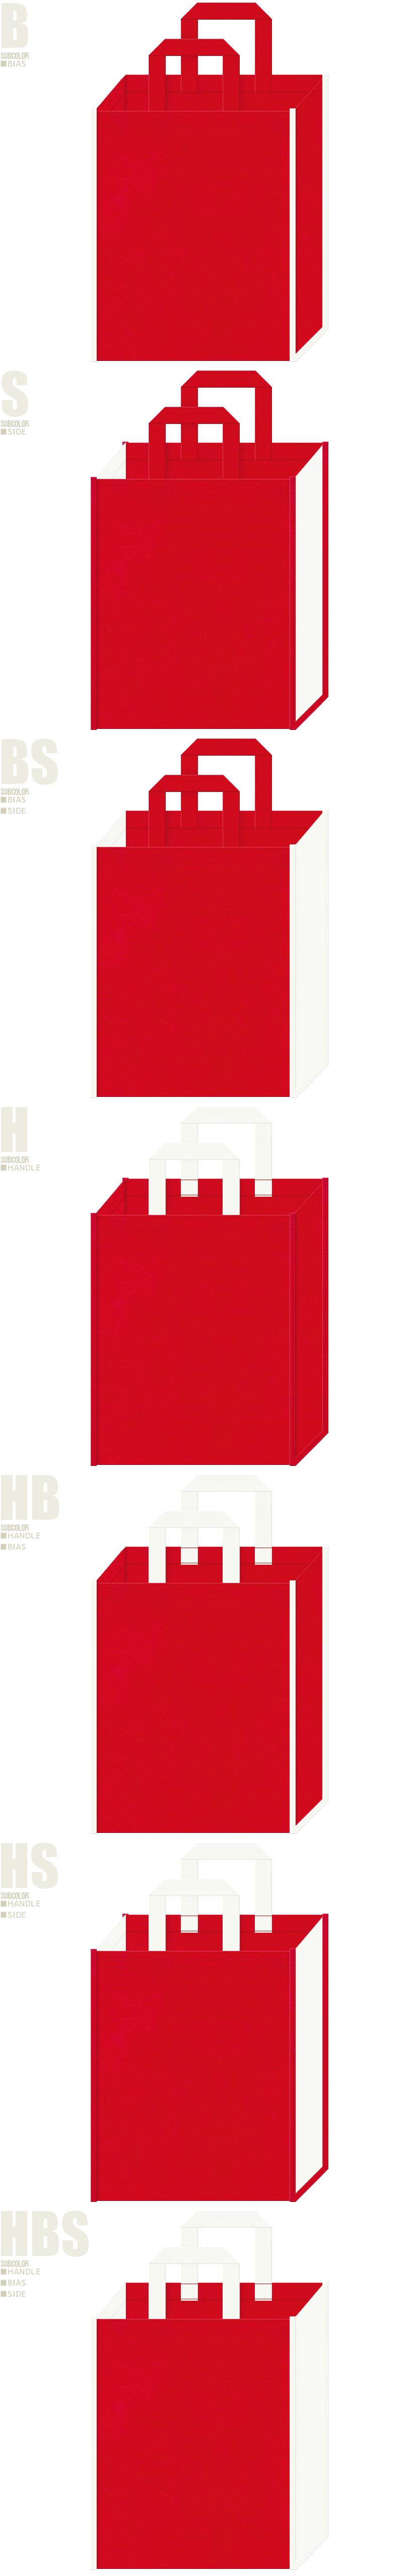 ショートケーキ・サンタクロース・クリスマスのイベントにお奨めの不織布バッグデザイン:紅色とオフホワイト色の配色7パターン